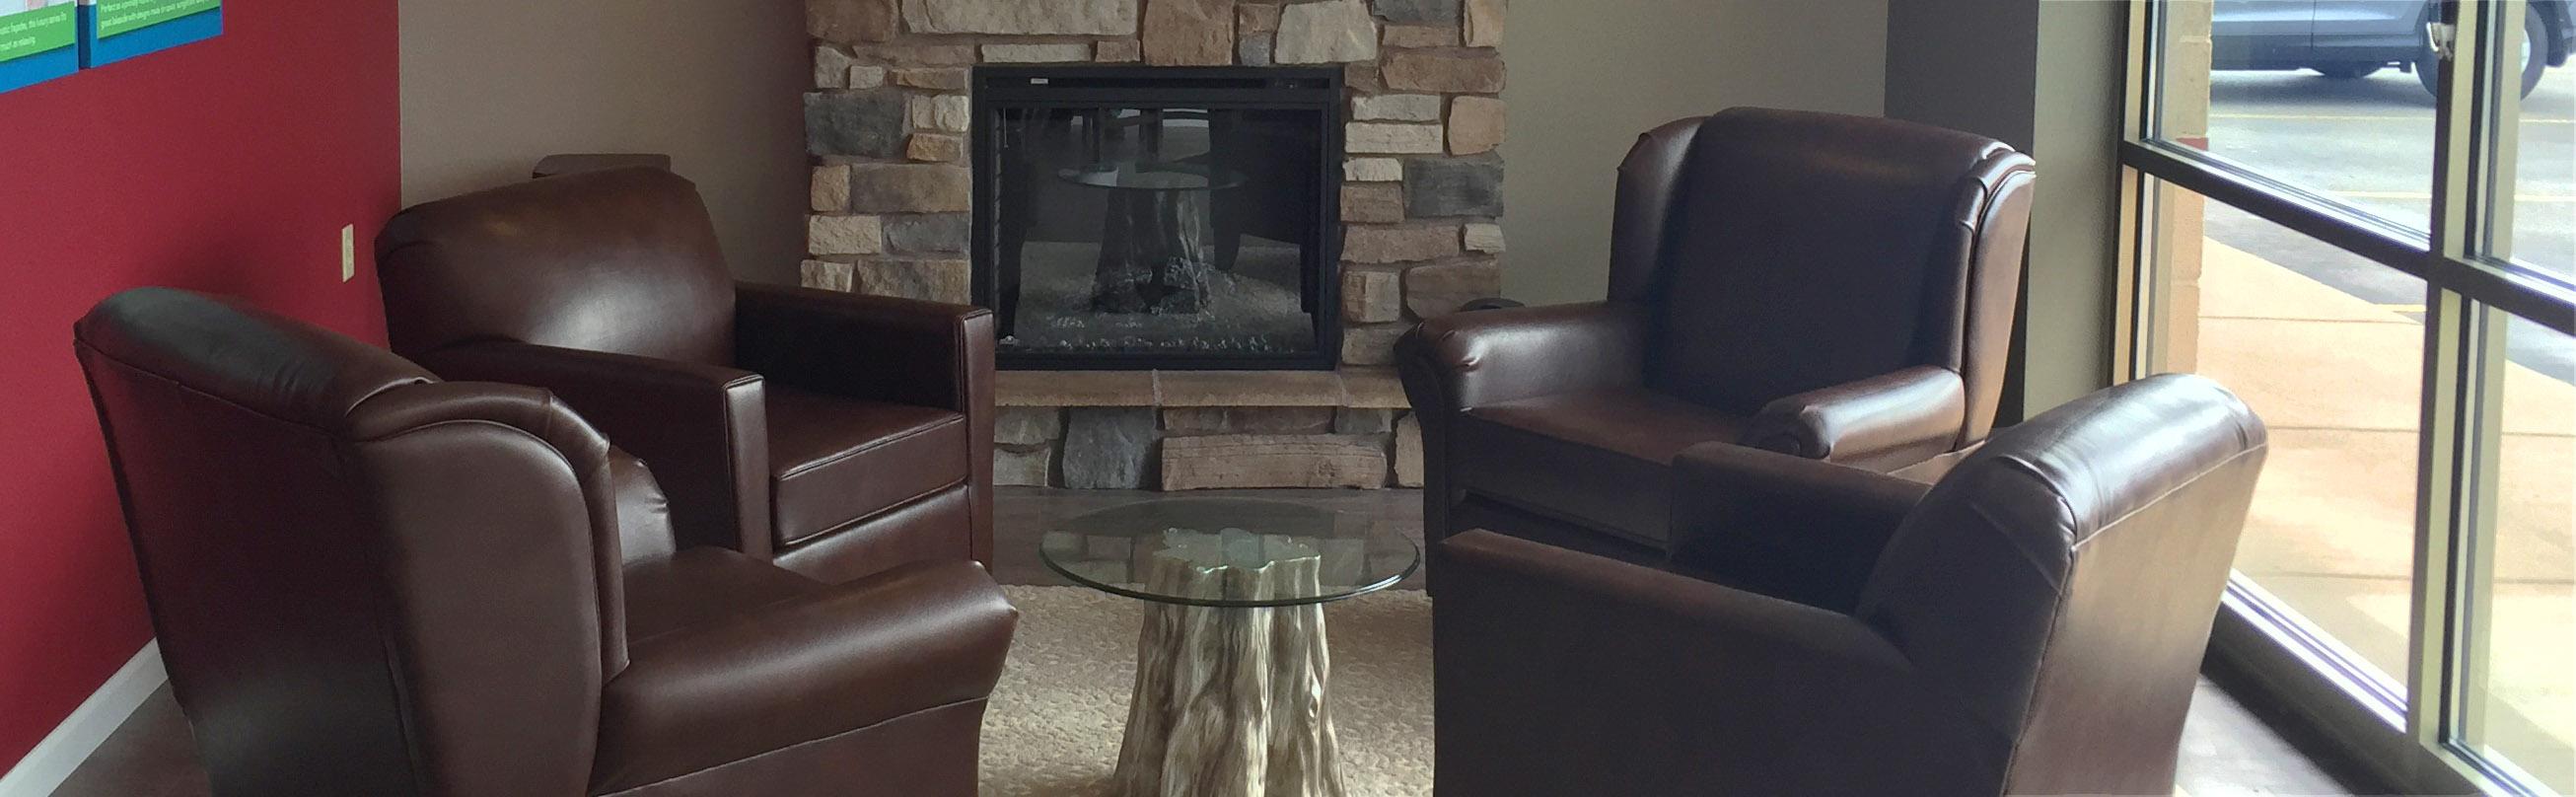 Onalaska Custom Home Design Studio